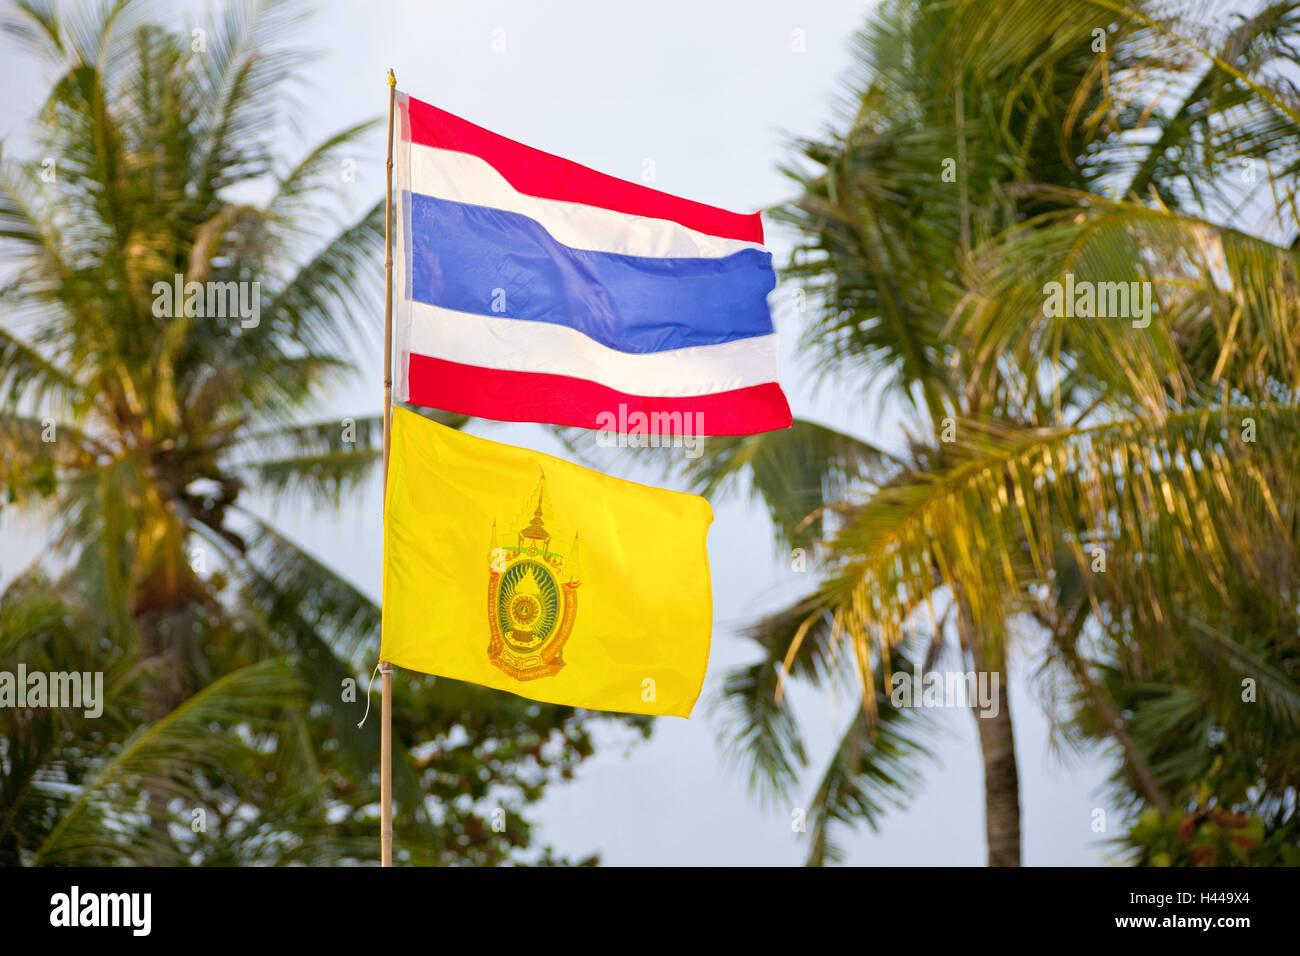 Thailand, island Phuket, palms, flagpole, state flag, king's flag, - Stock Image